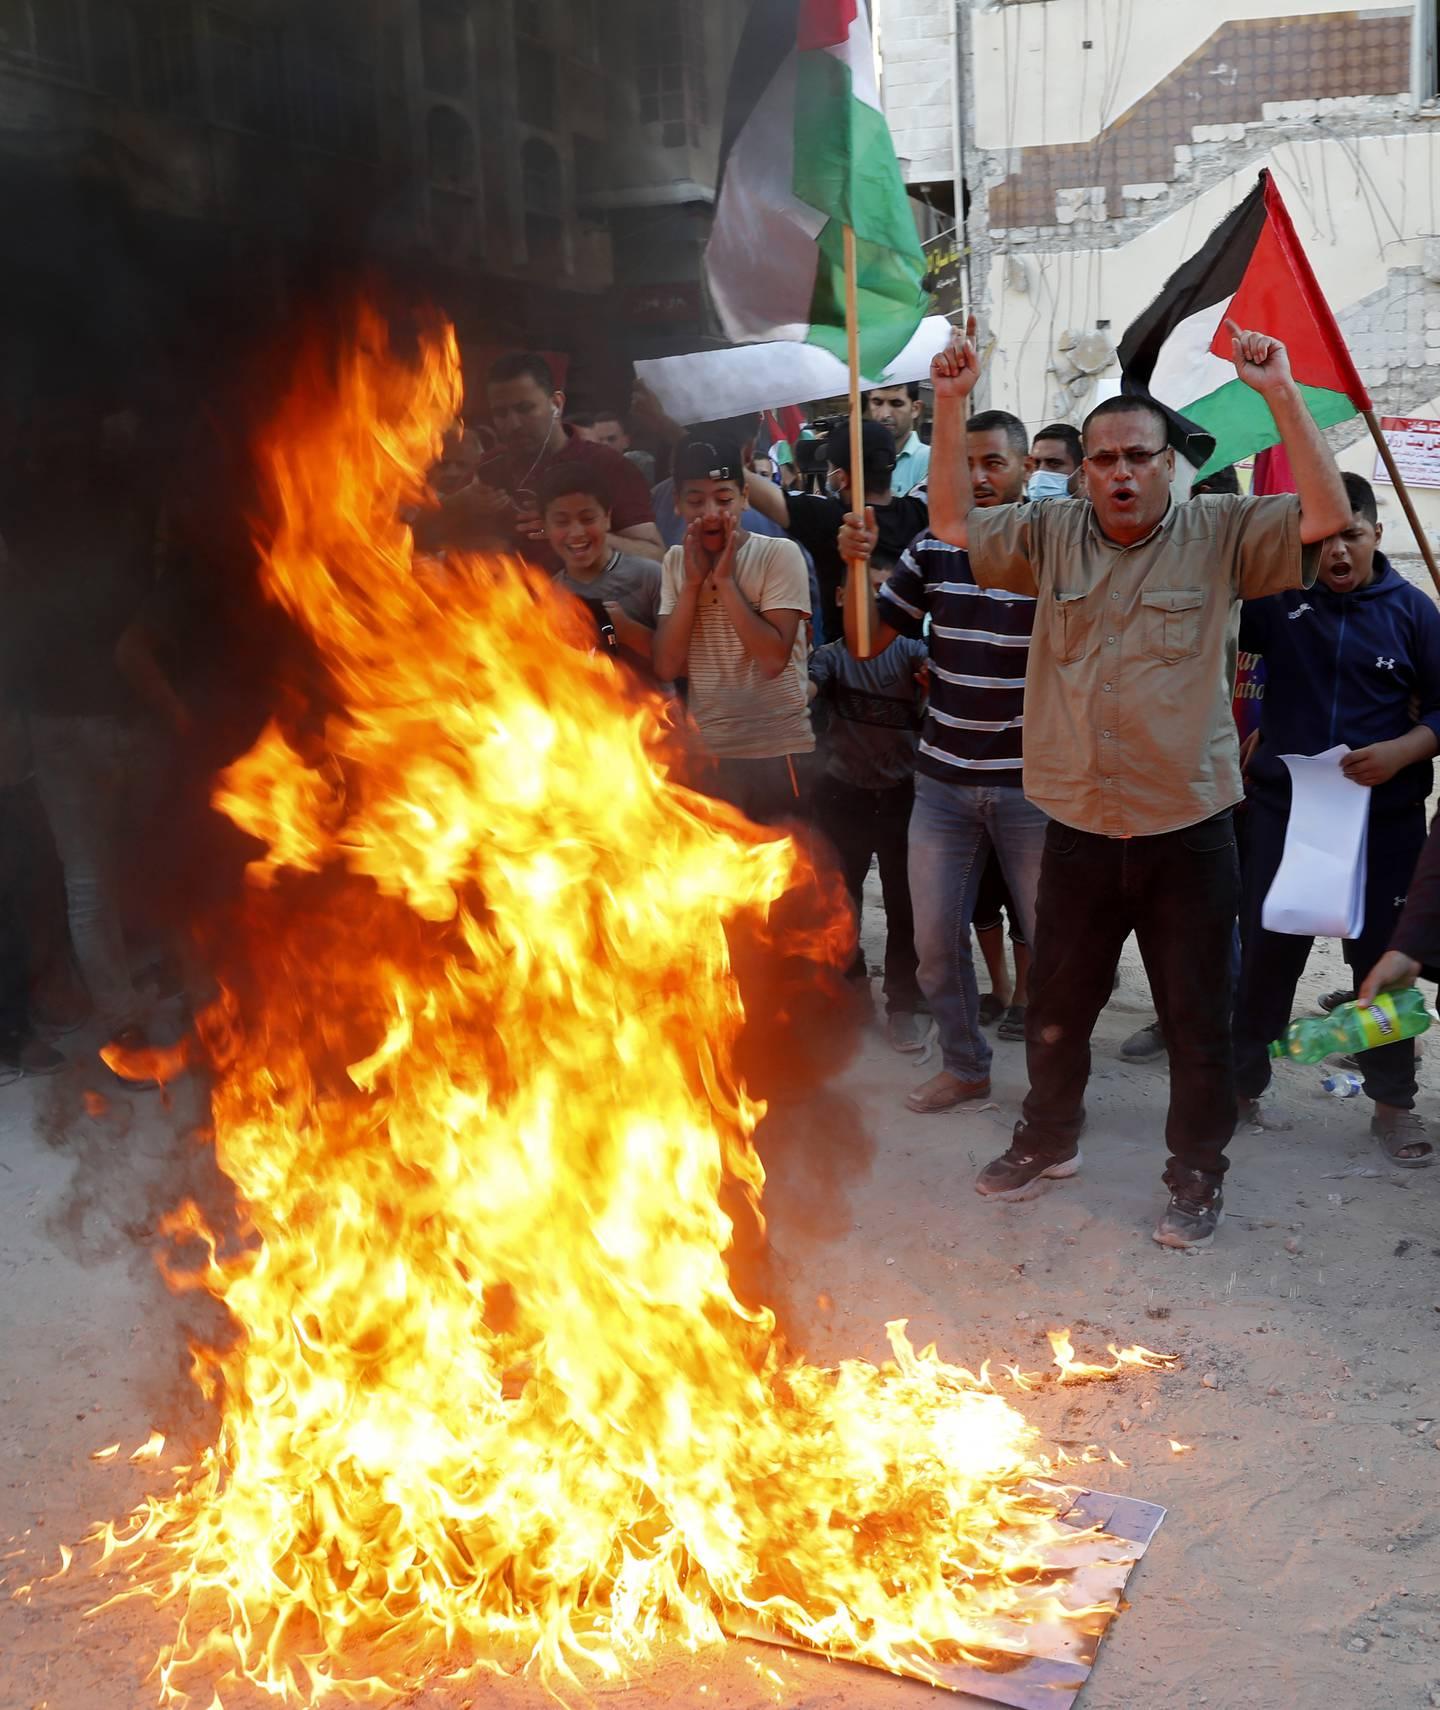 Palestinerne svarte med å brenne det israelske flagget og rope antiisraelske slagord. Foto: Adel Hana / AP / NTB